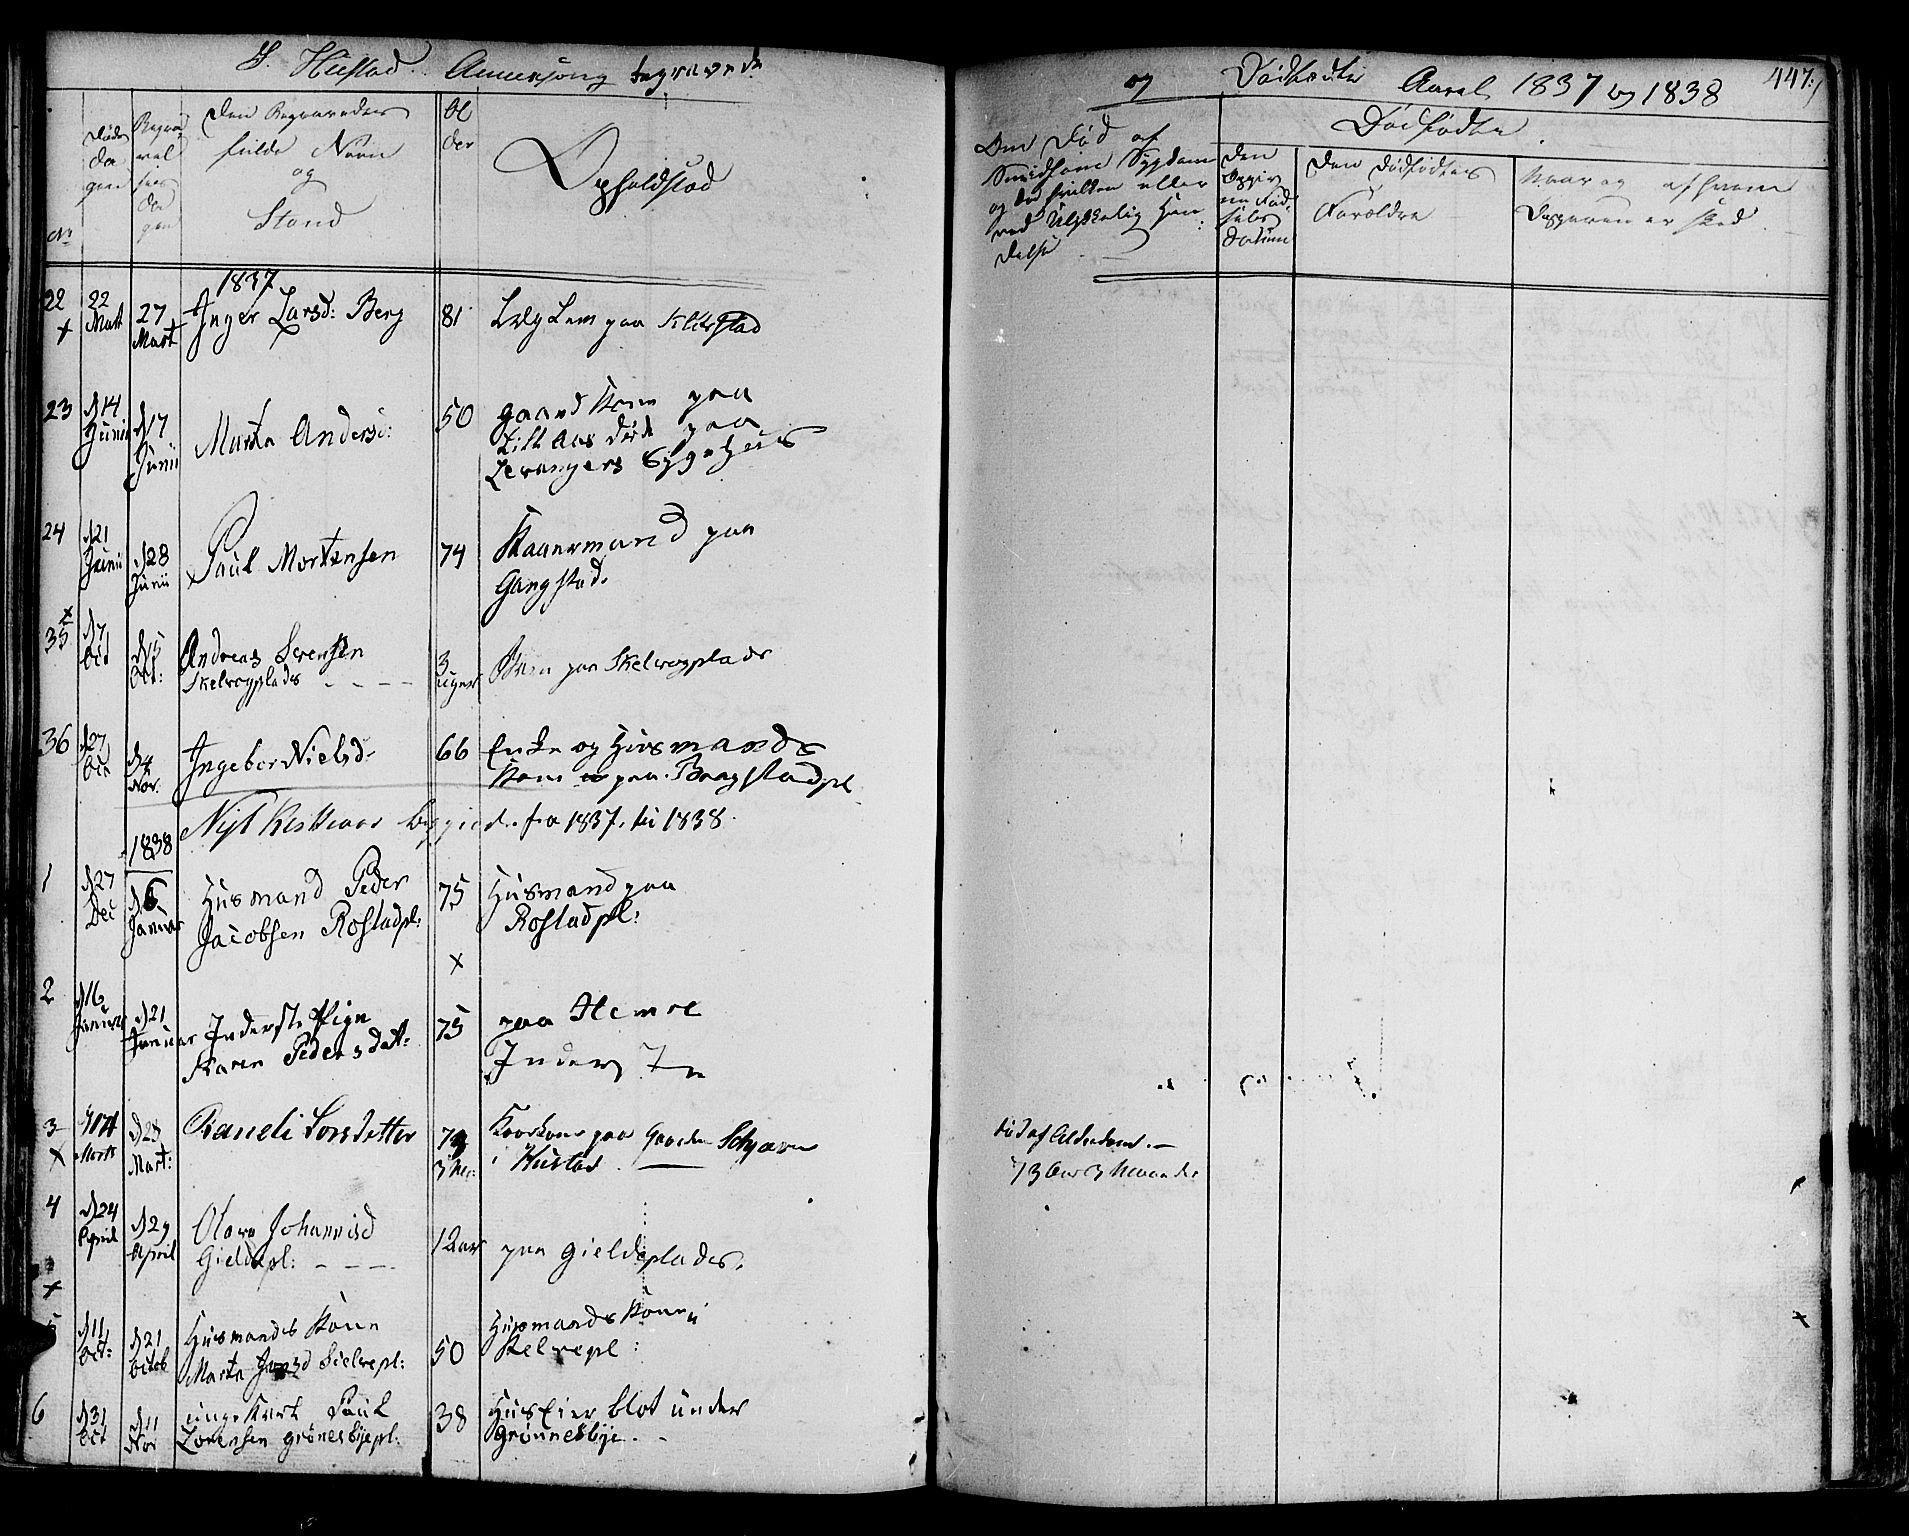 SAT, Ministerialprotokoller, klokkerbøker og fødselsregistre - Nord-Trøndelag, 730/L0277: Ministerialbok nr. 730A06 /3, 1830-1839, s. 447